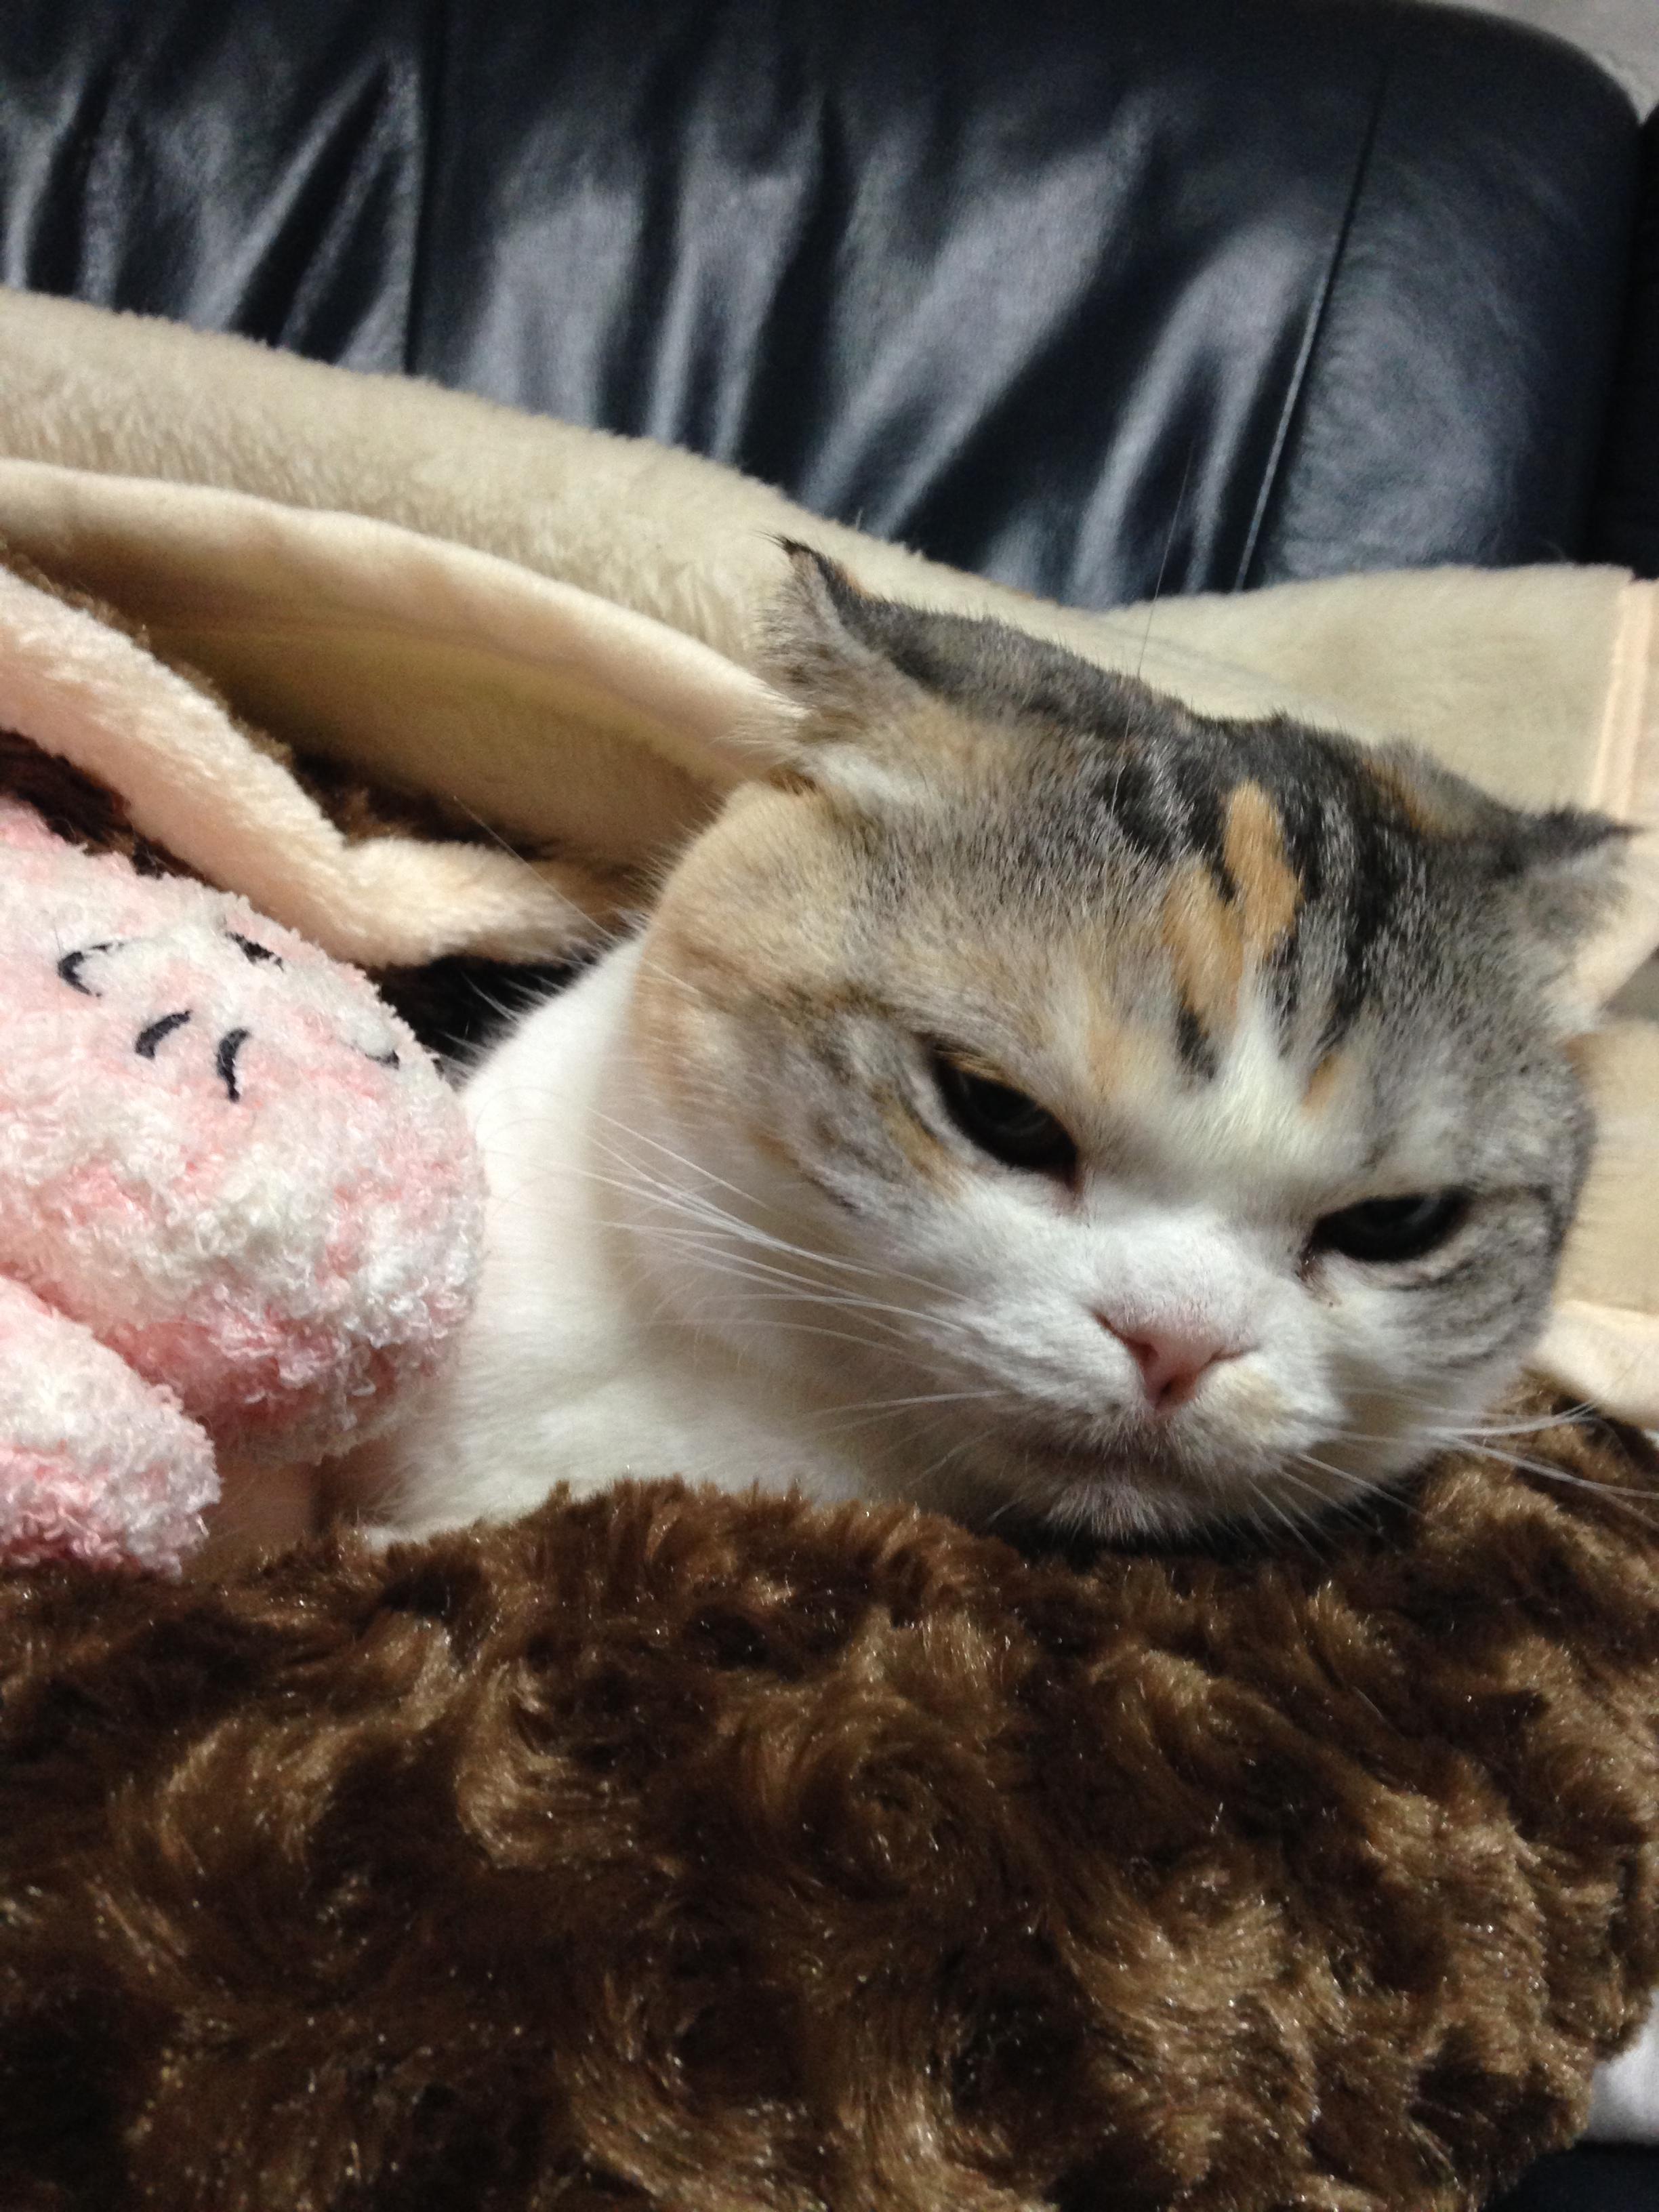 【ふみふみ】冬の猫様【スコティッシュフォールド】